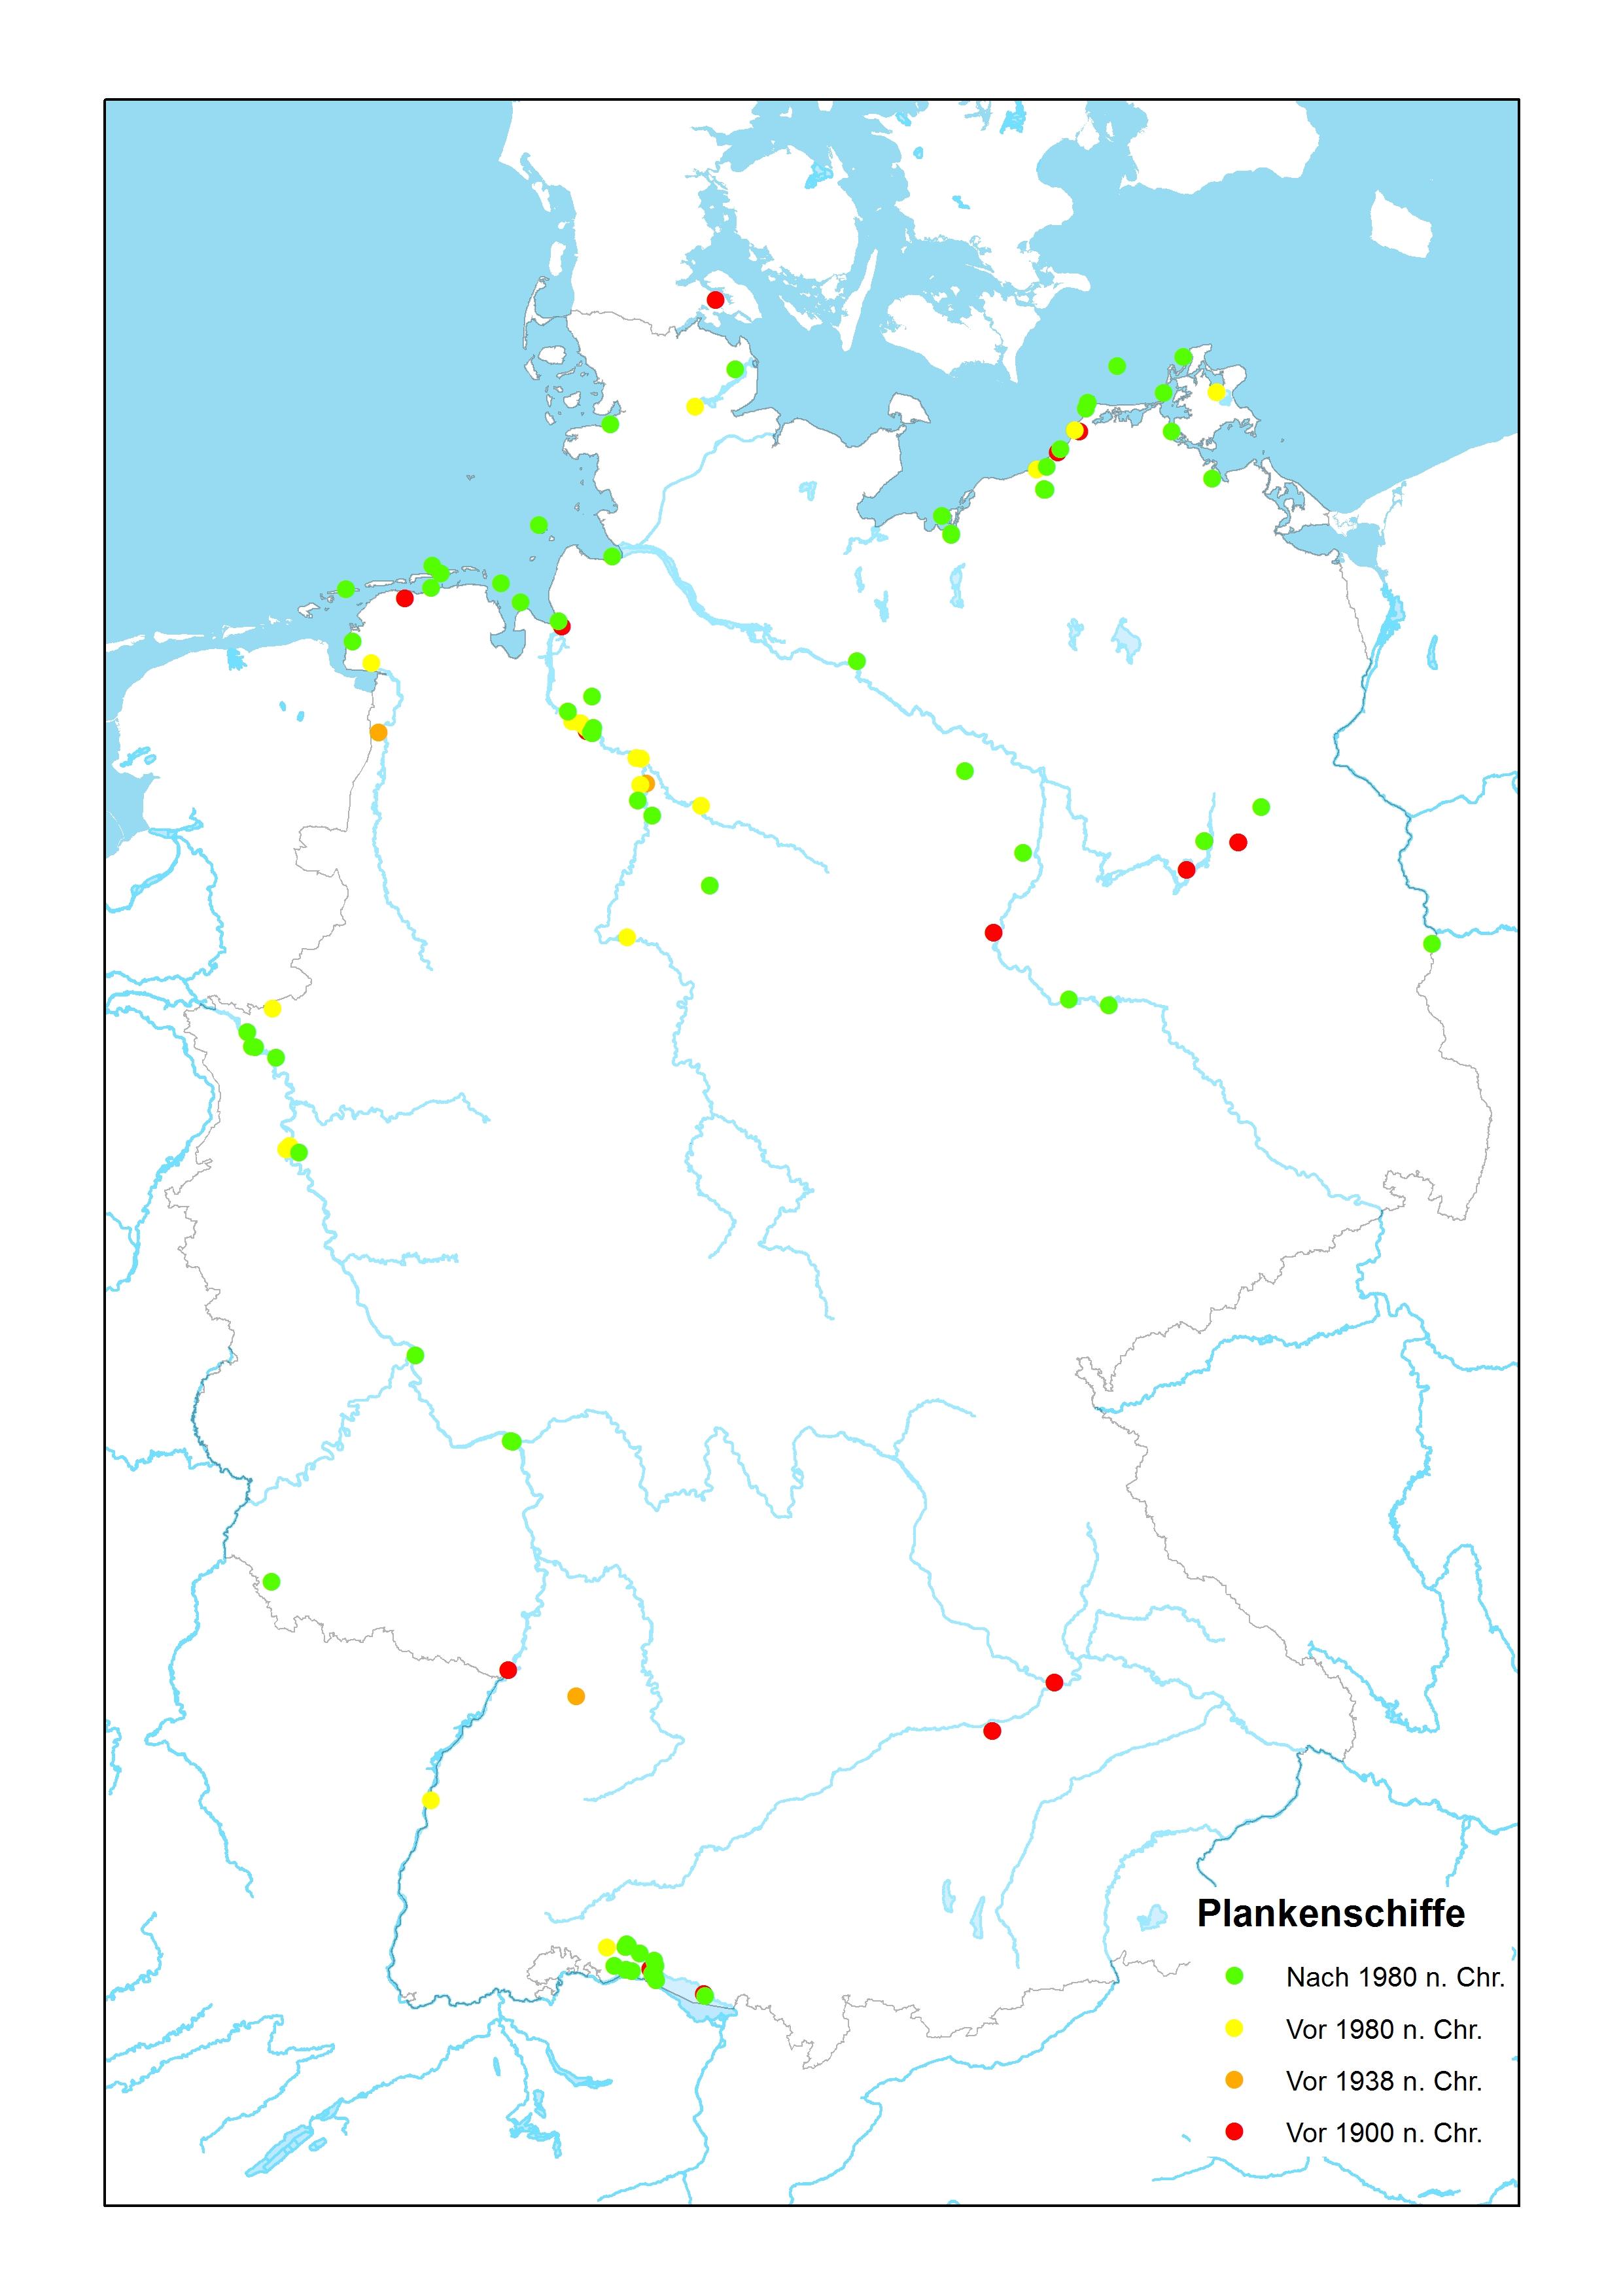 Katalog der Schiffsfunde in Deutschland - aus archäologischer Sicht